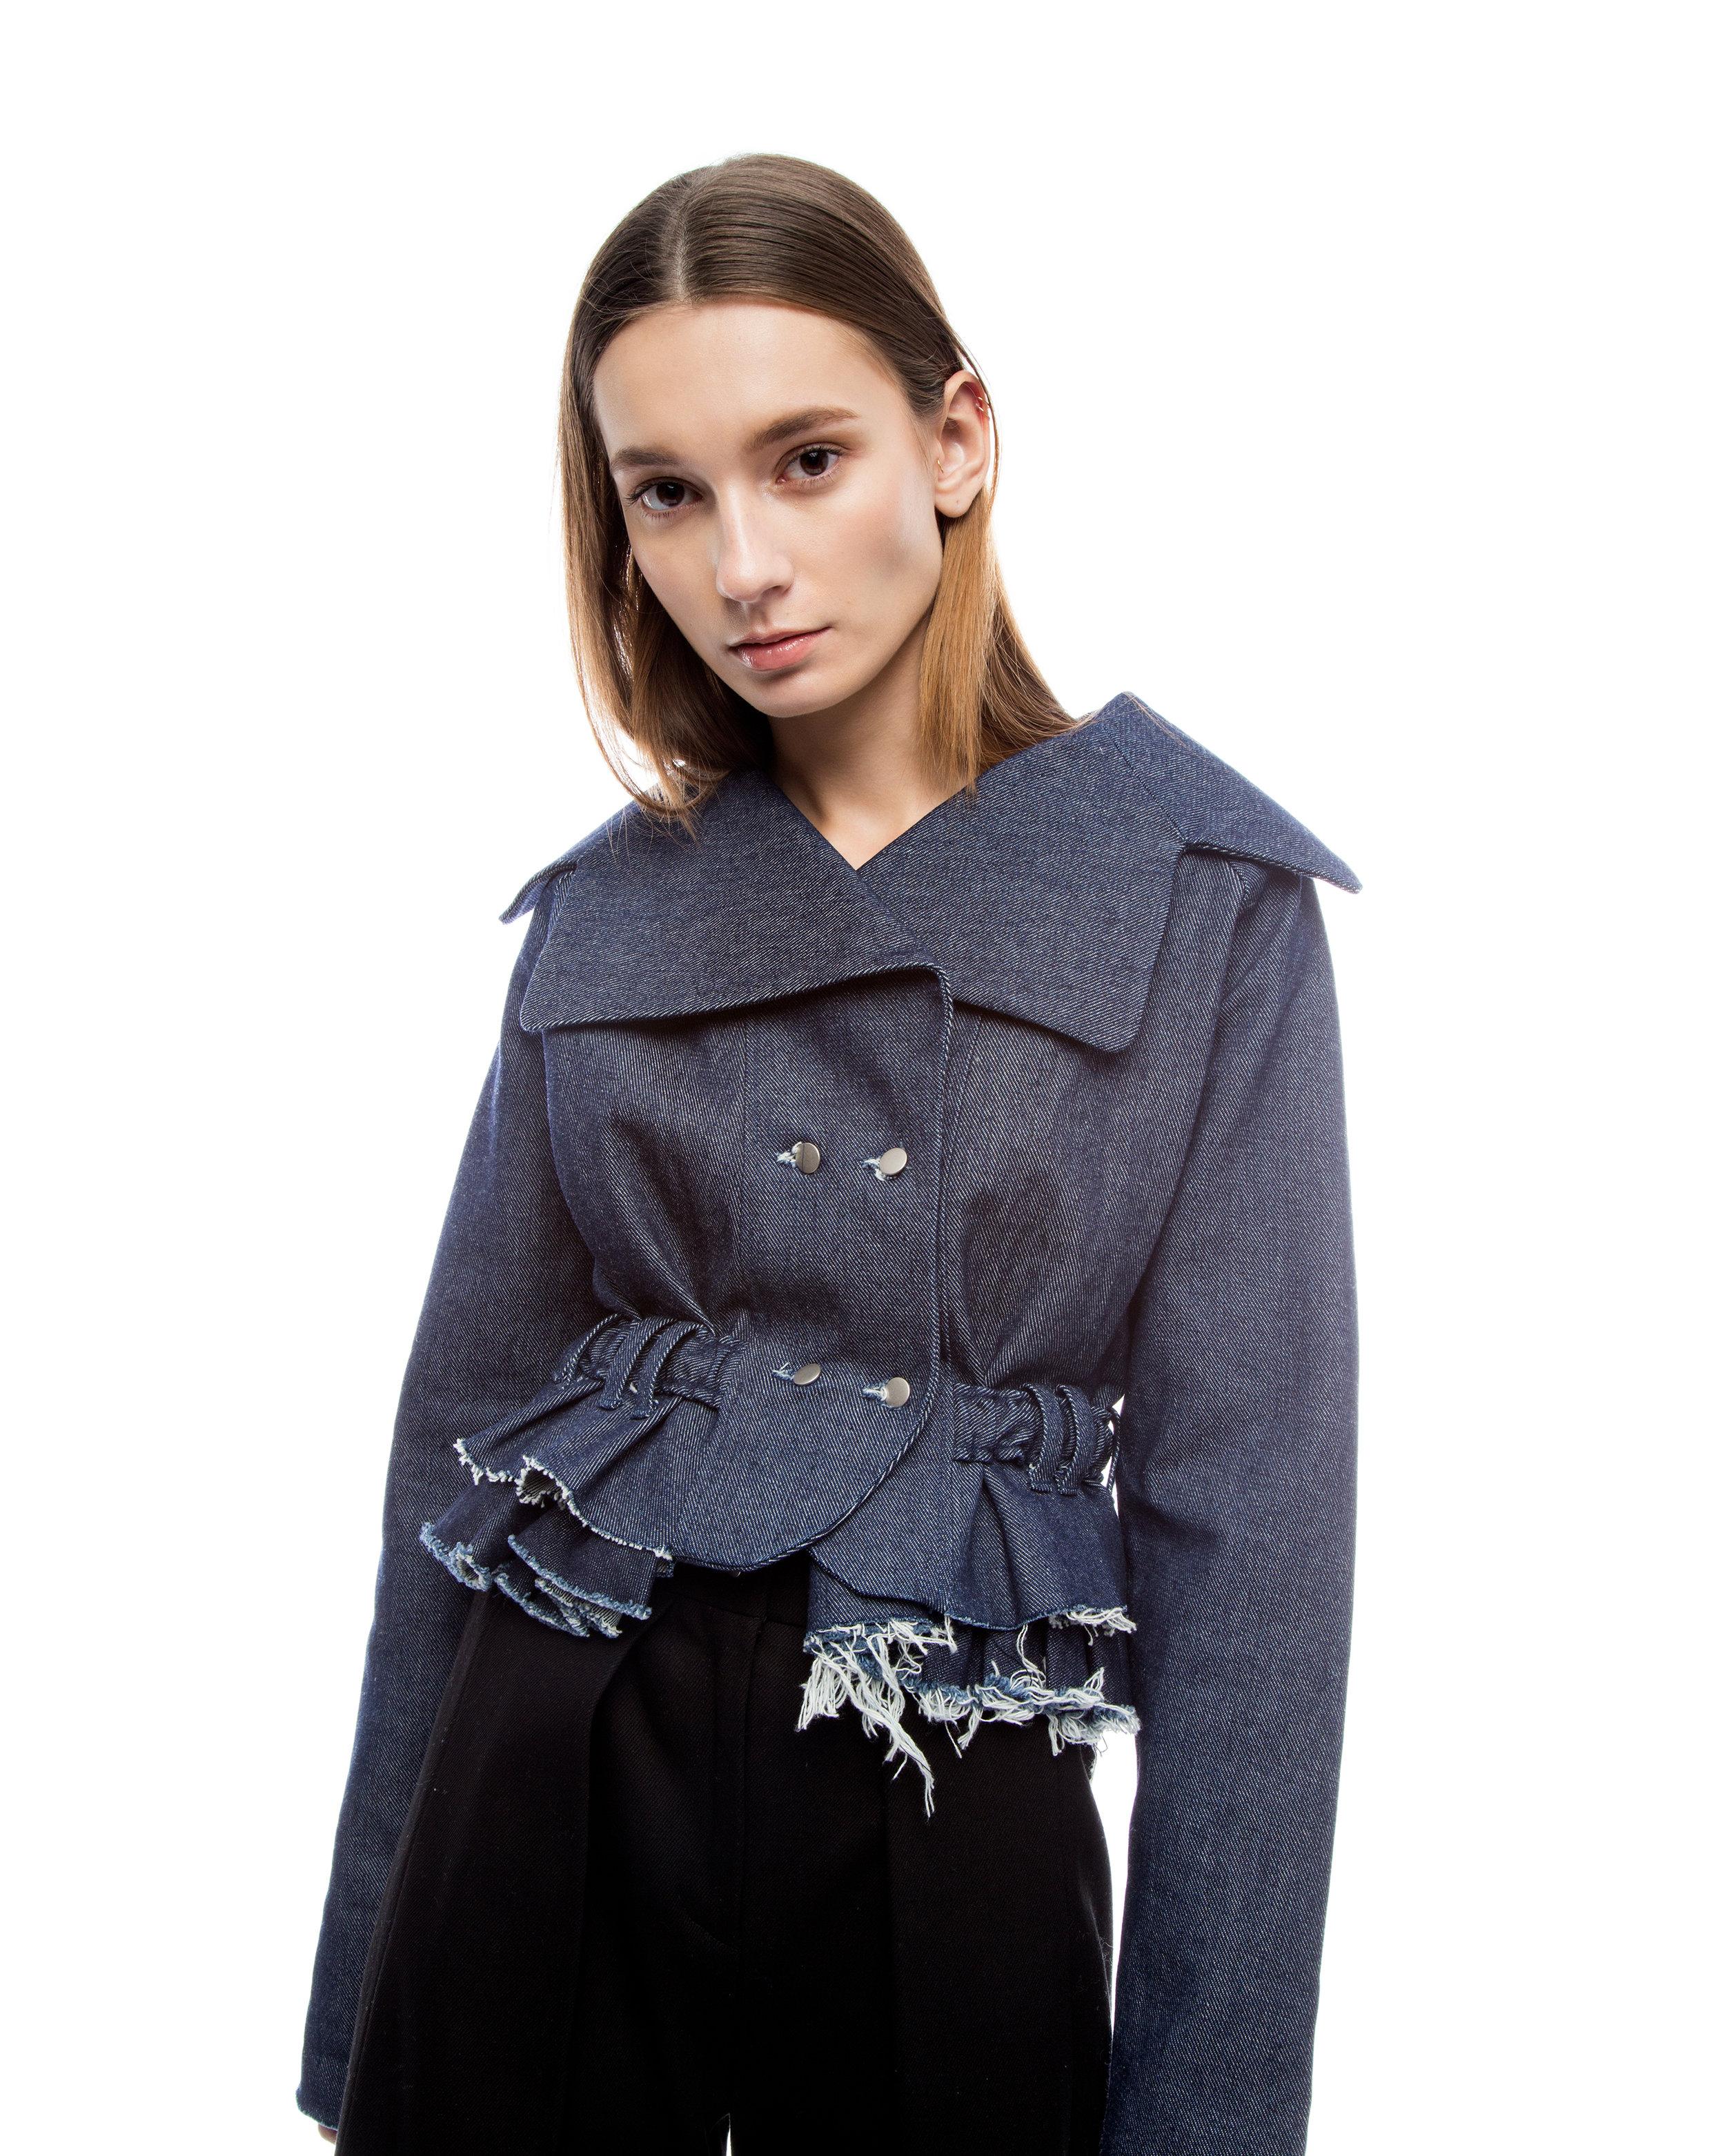 01-olya-kosterina-utility-denim-jacket.jpg